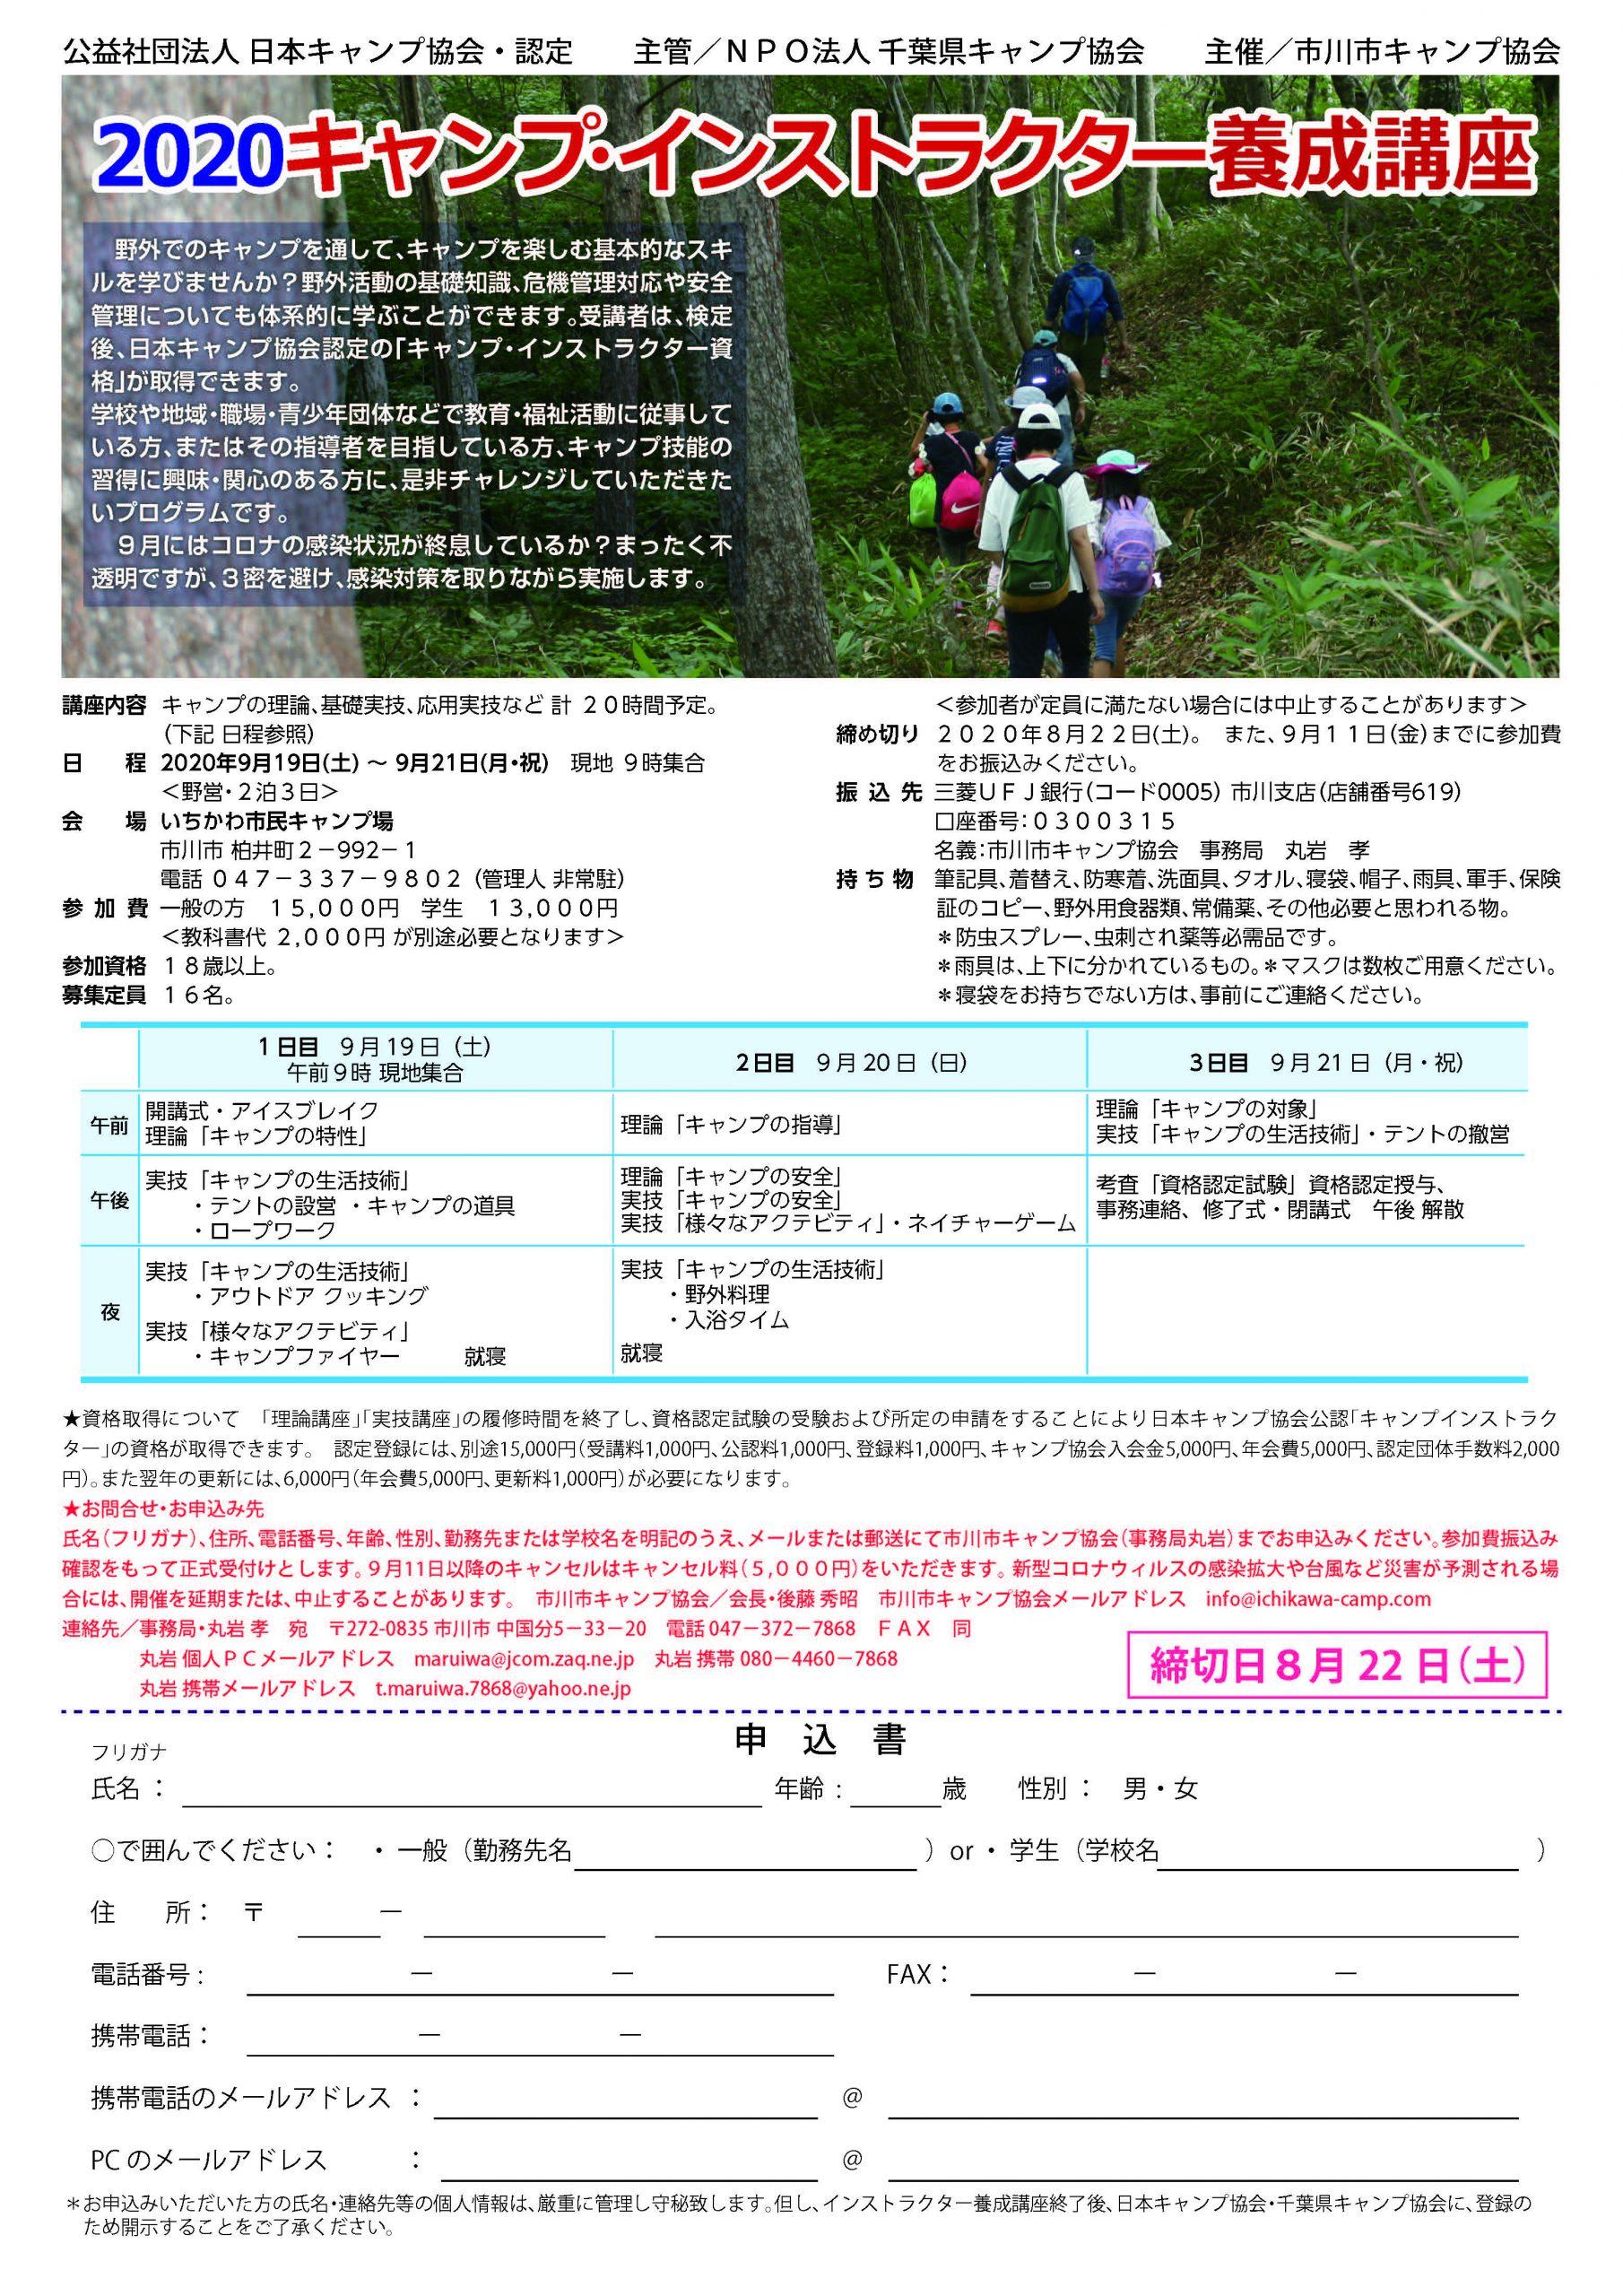 【中止】千葉:キャンプインストラクター養成講習会 @ いちかわ市民キャンプ場